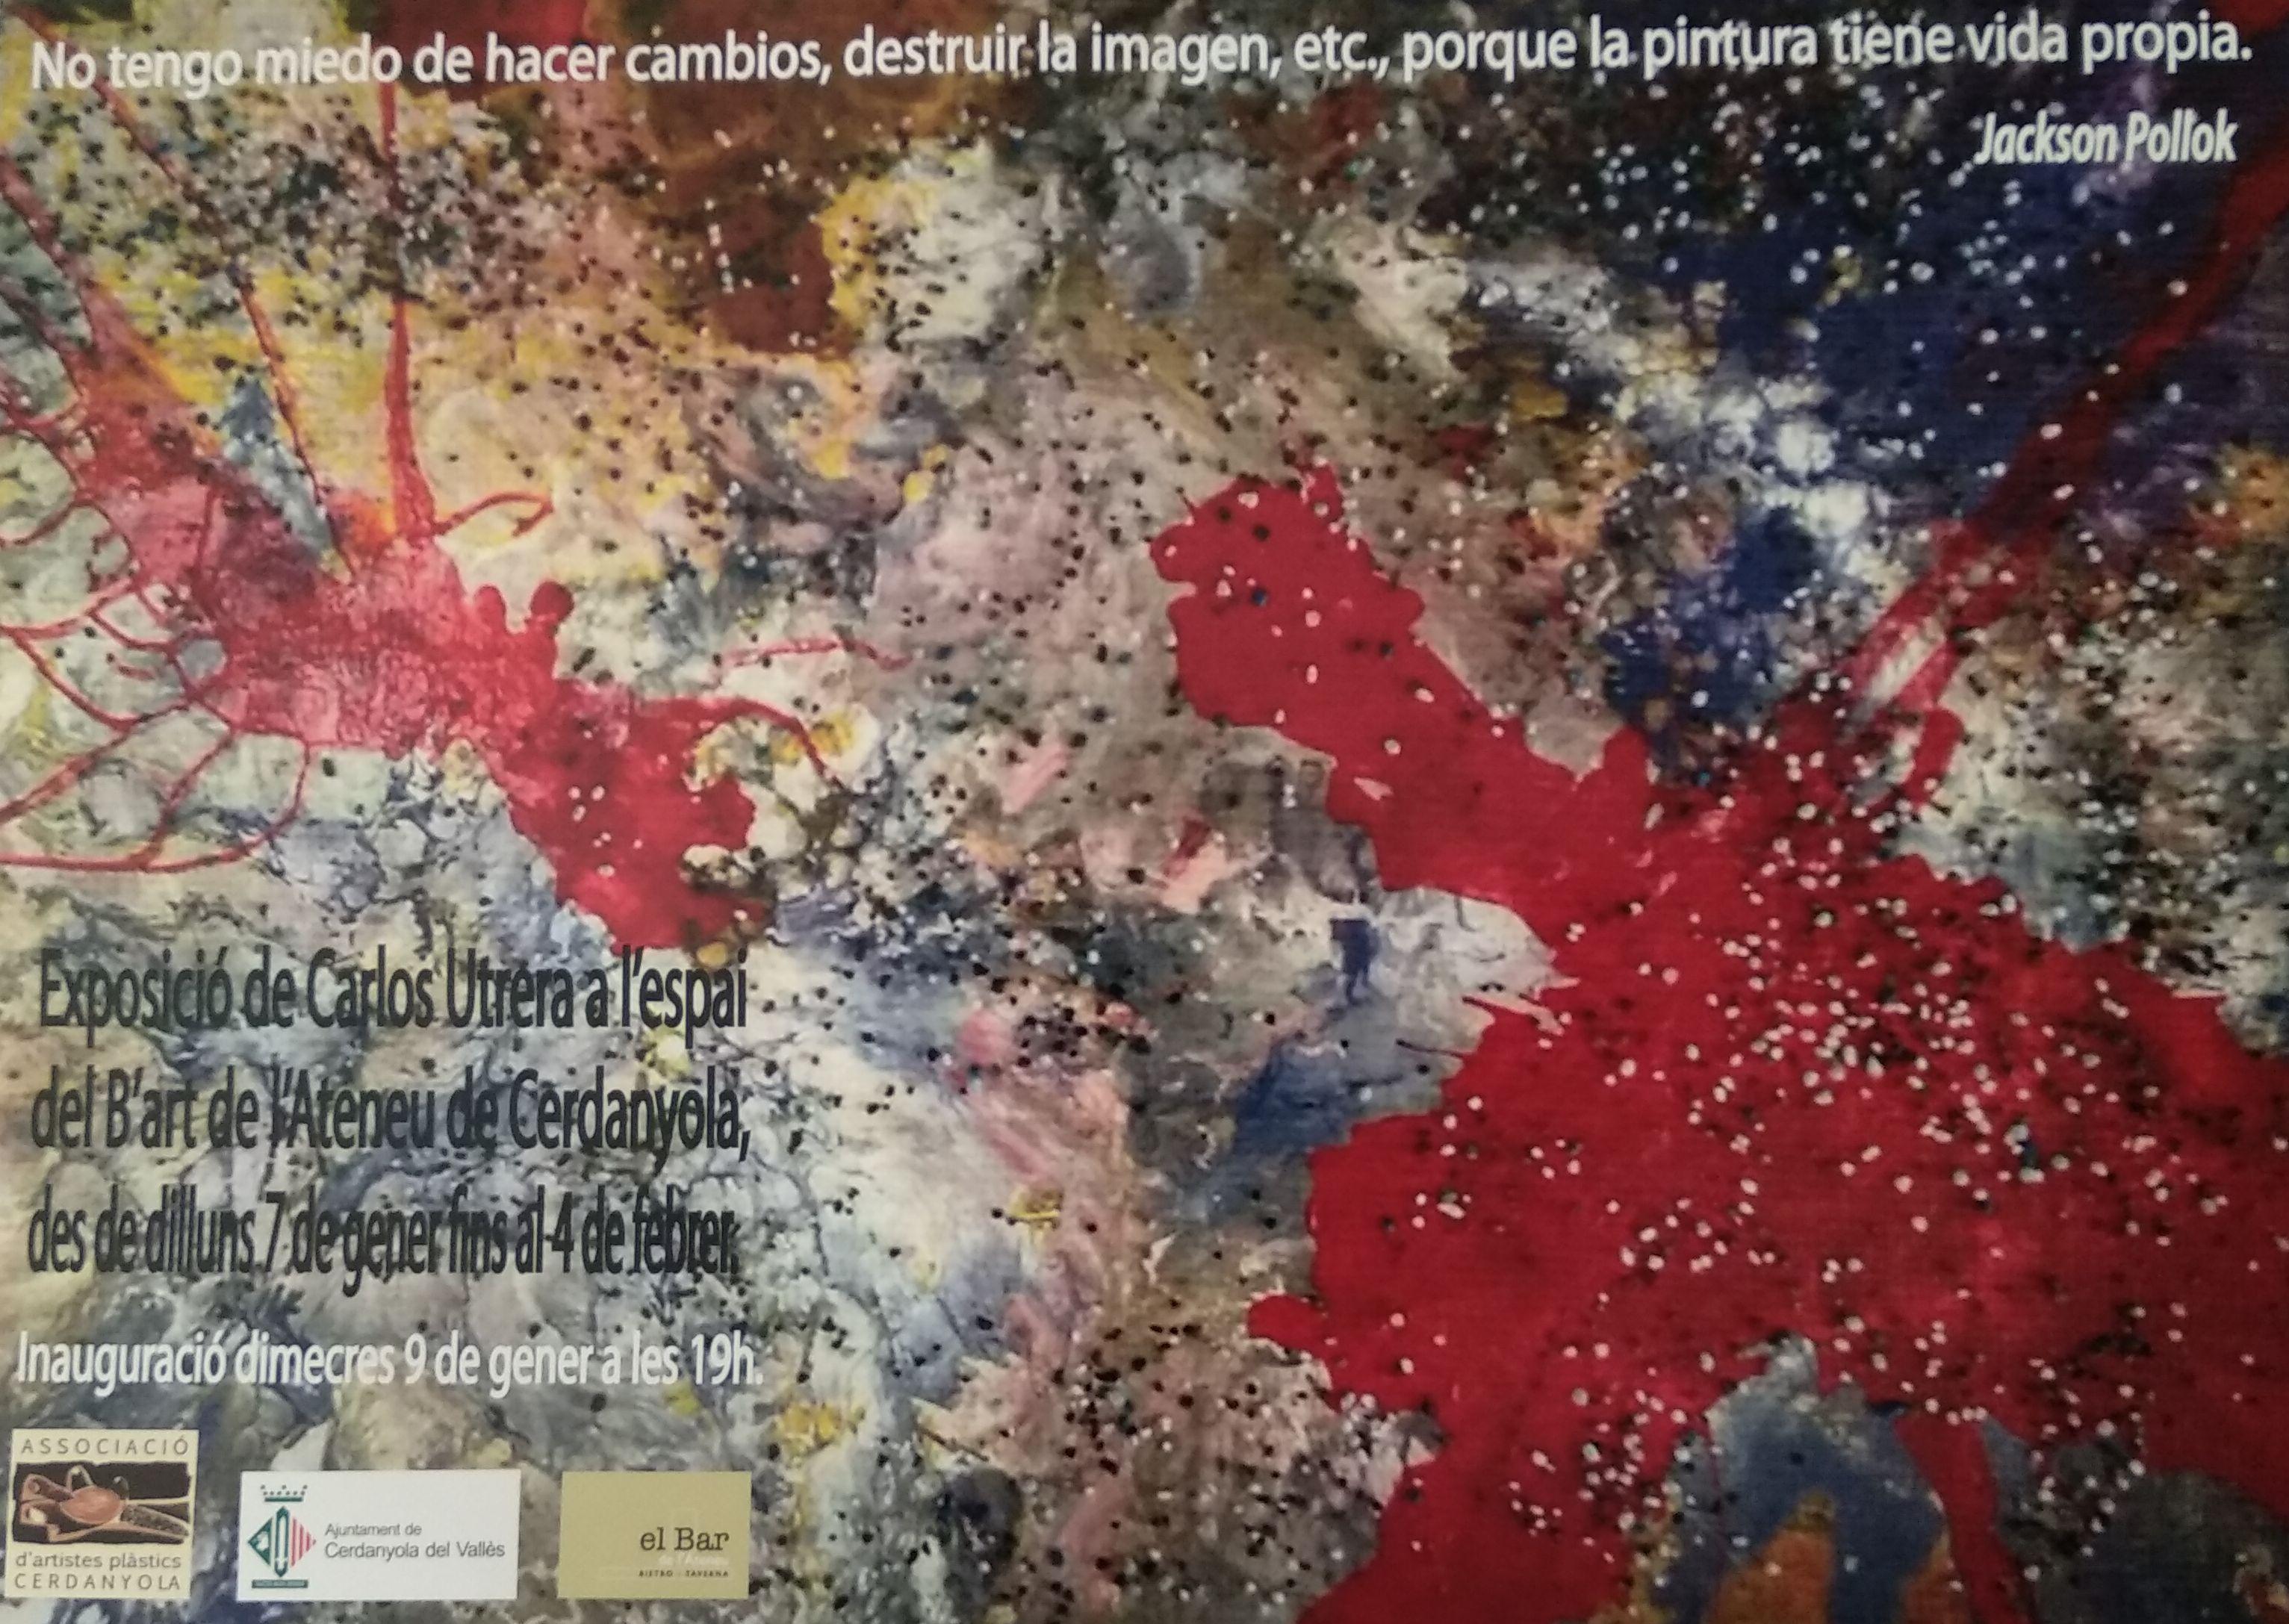 Cartell de l'exposició de Carlos Utrera